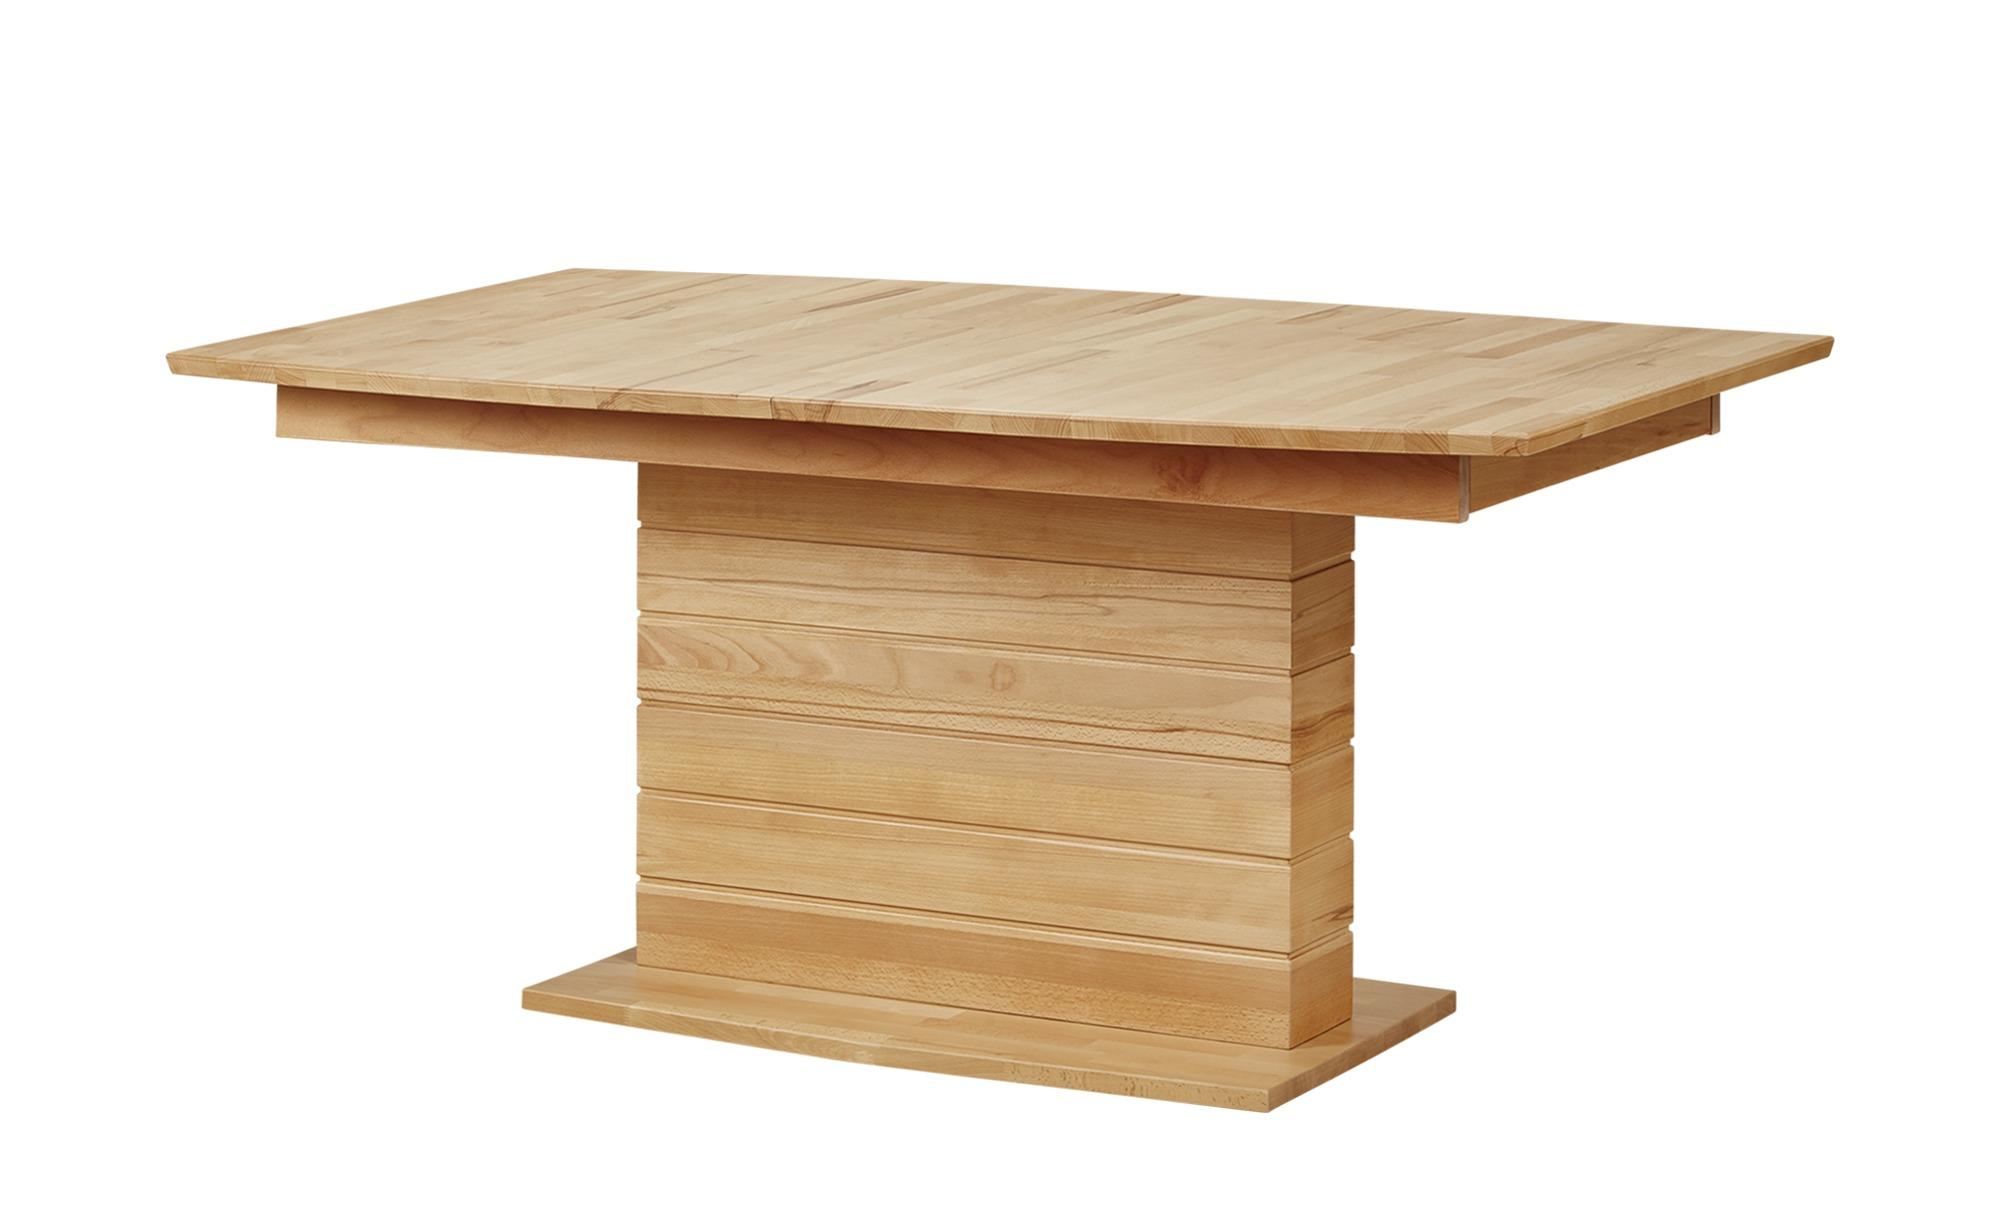 Woodford Esstisch  Baku ¦ Maße (cm): B: 90 H: 75 Tische > Esstische > Esstische massiv - Höffner